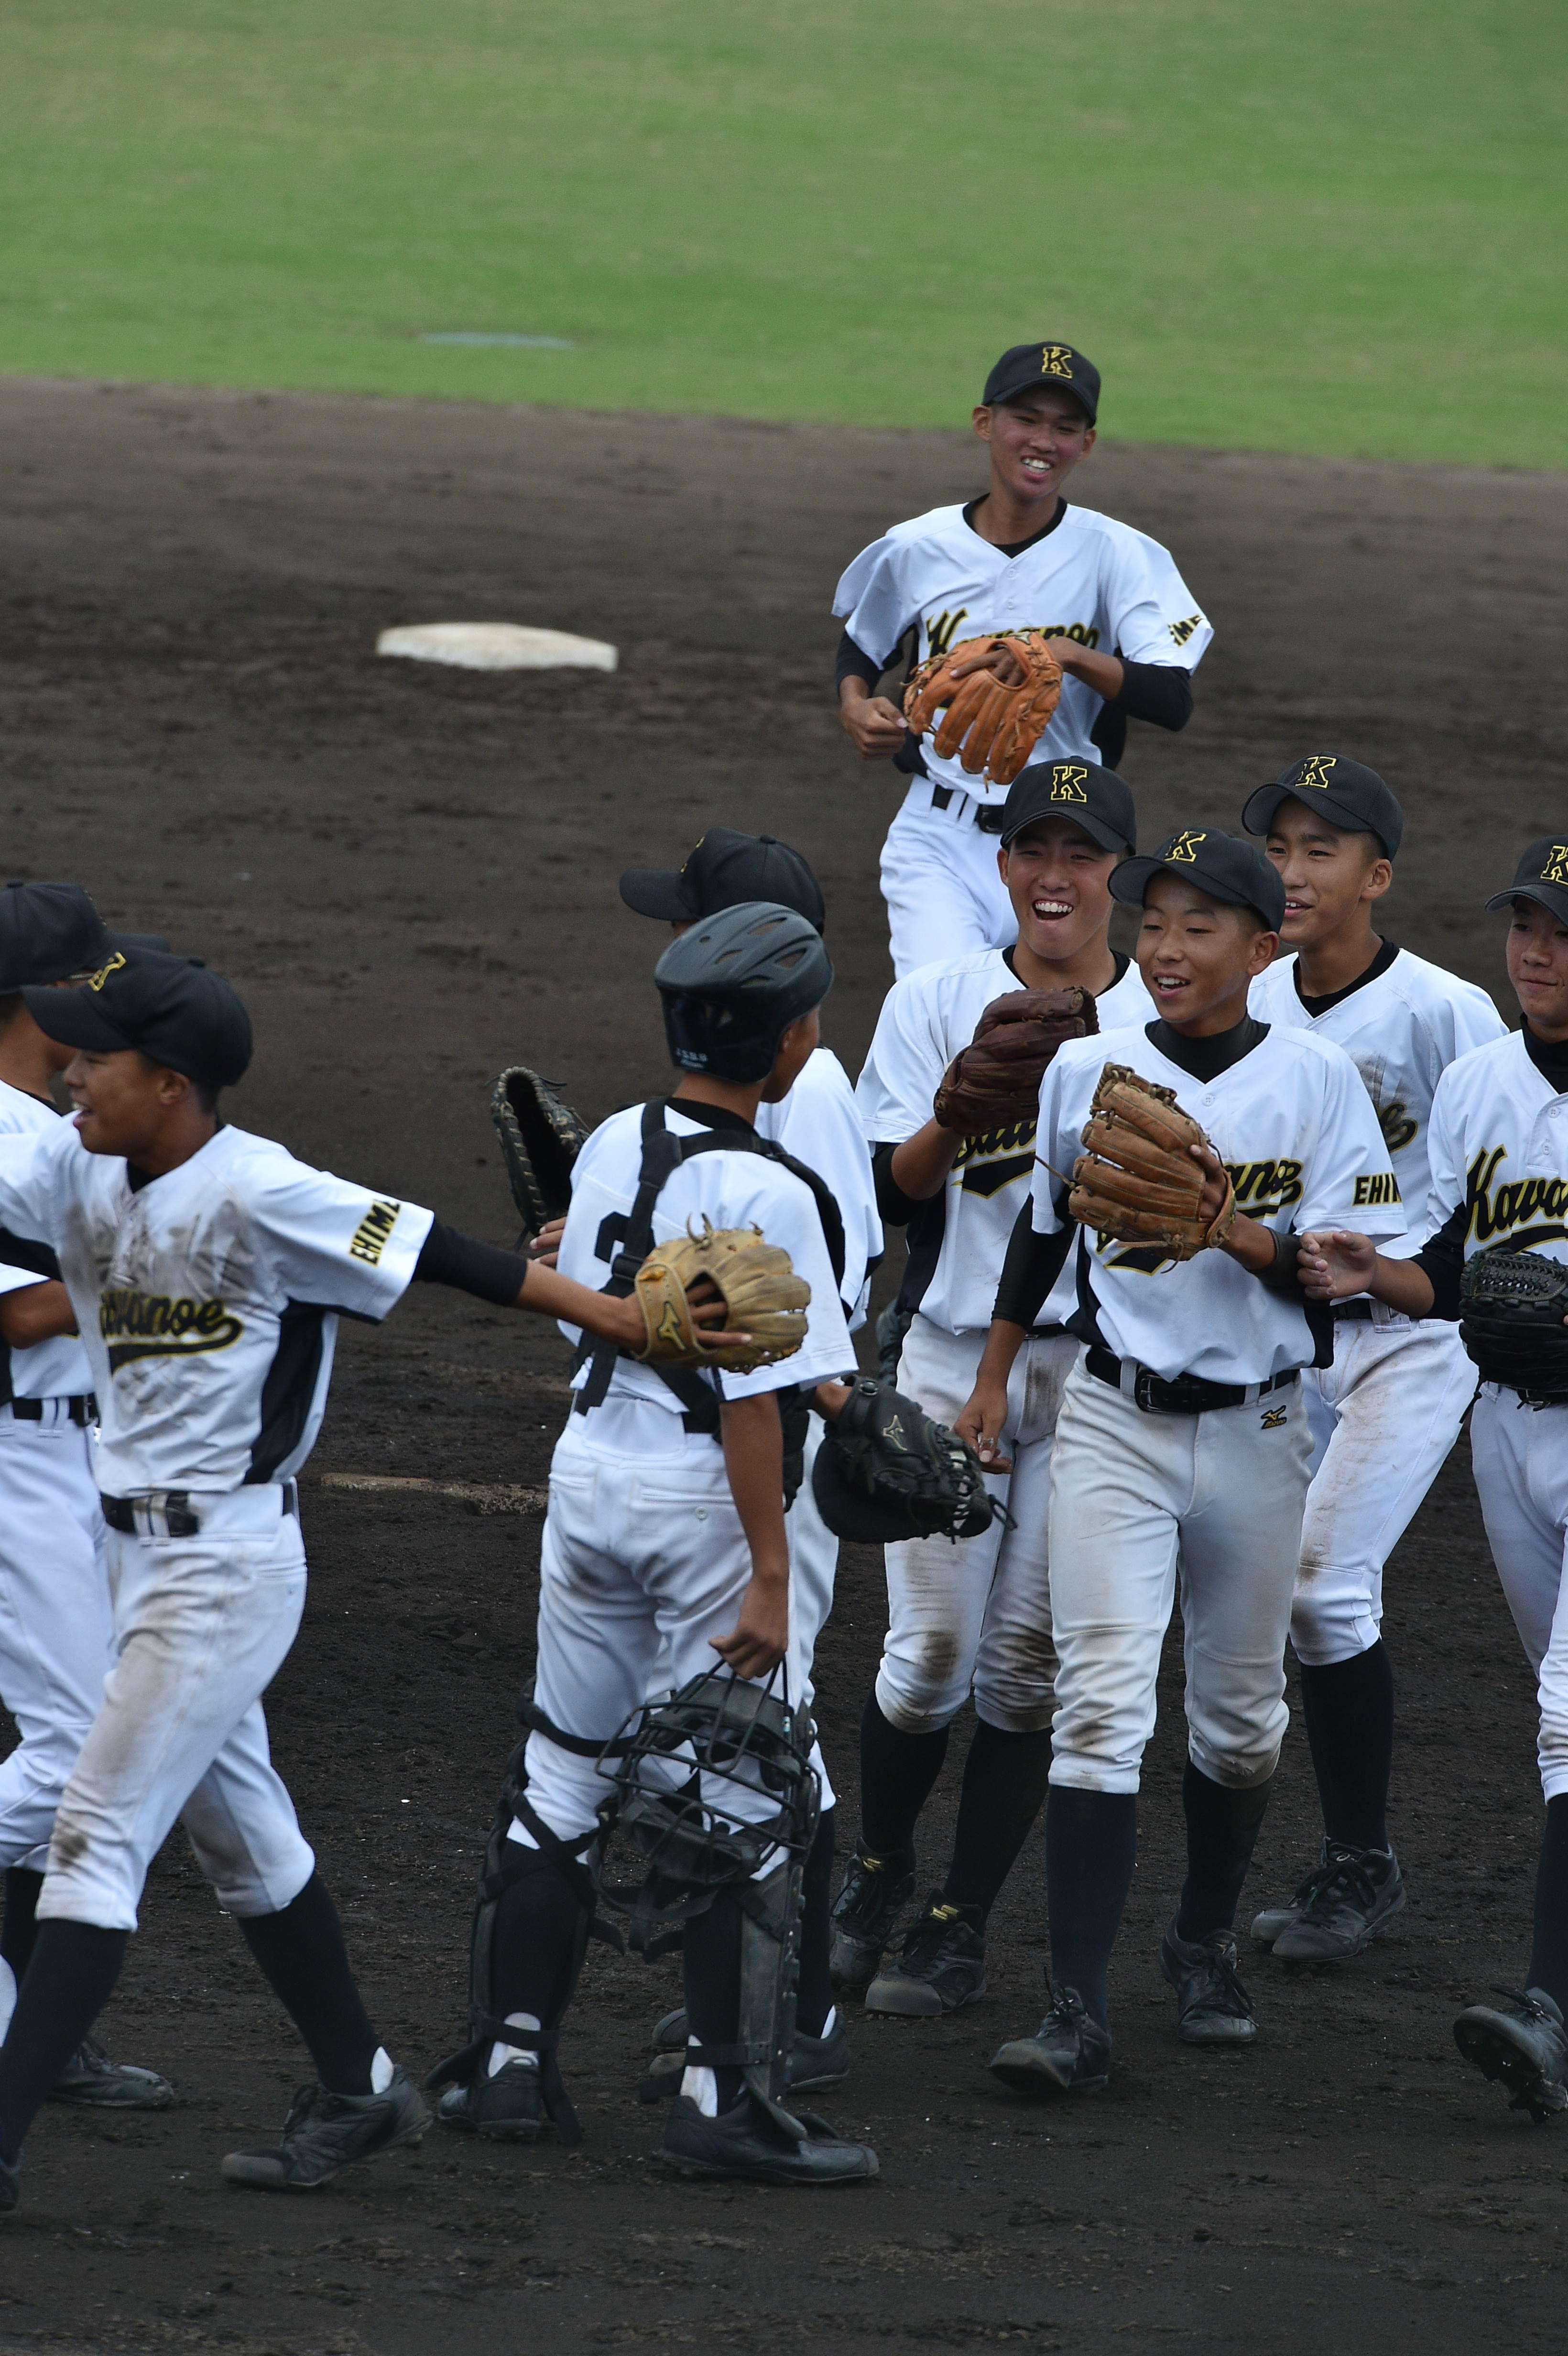 軟式野球 (444)